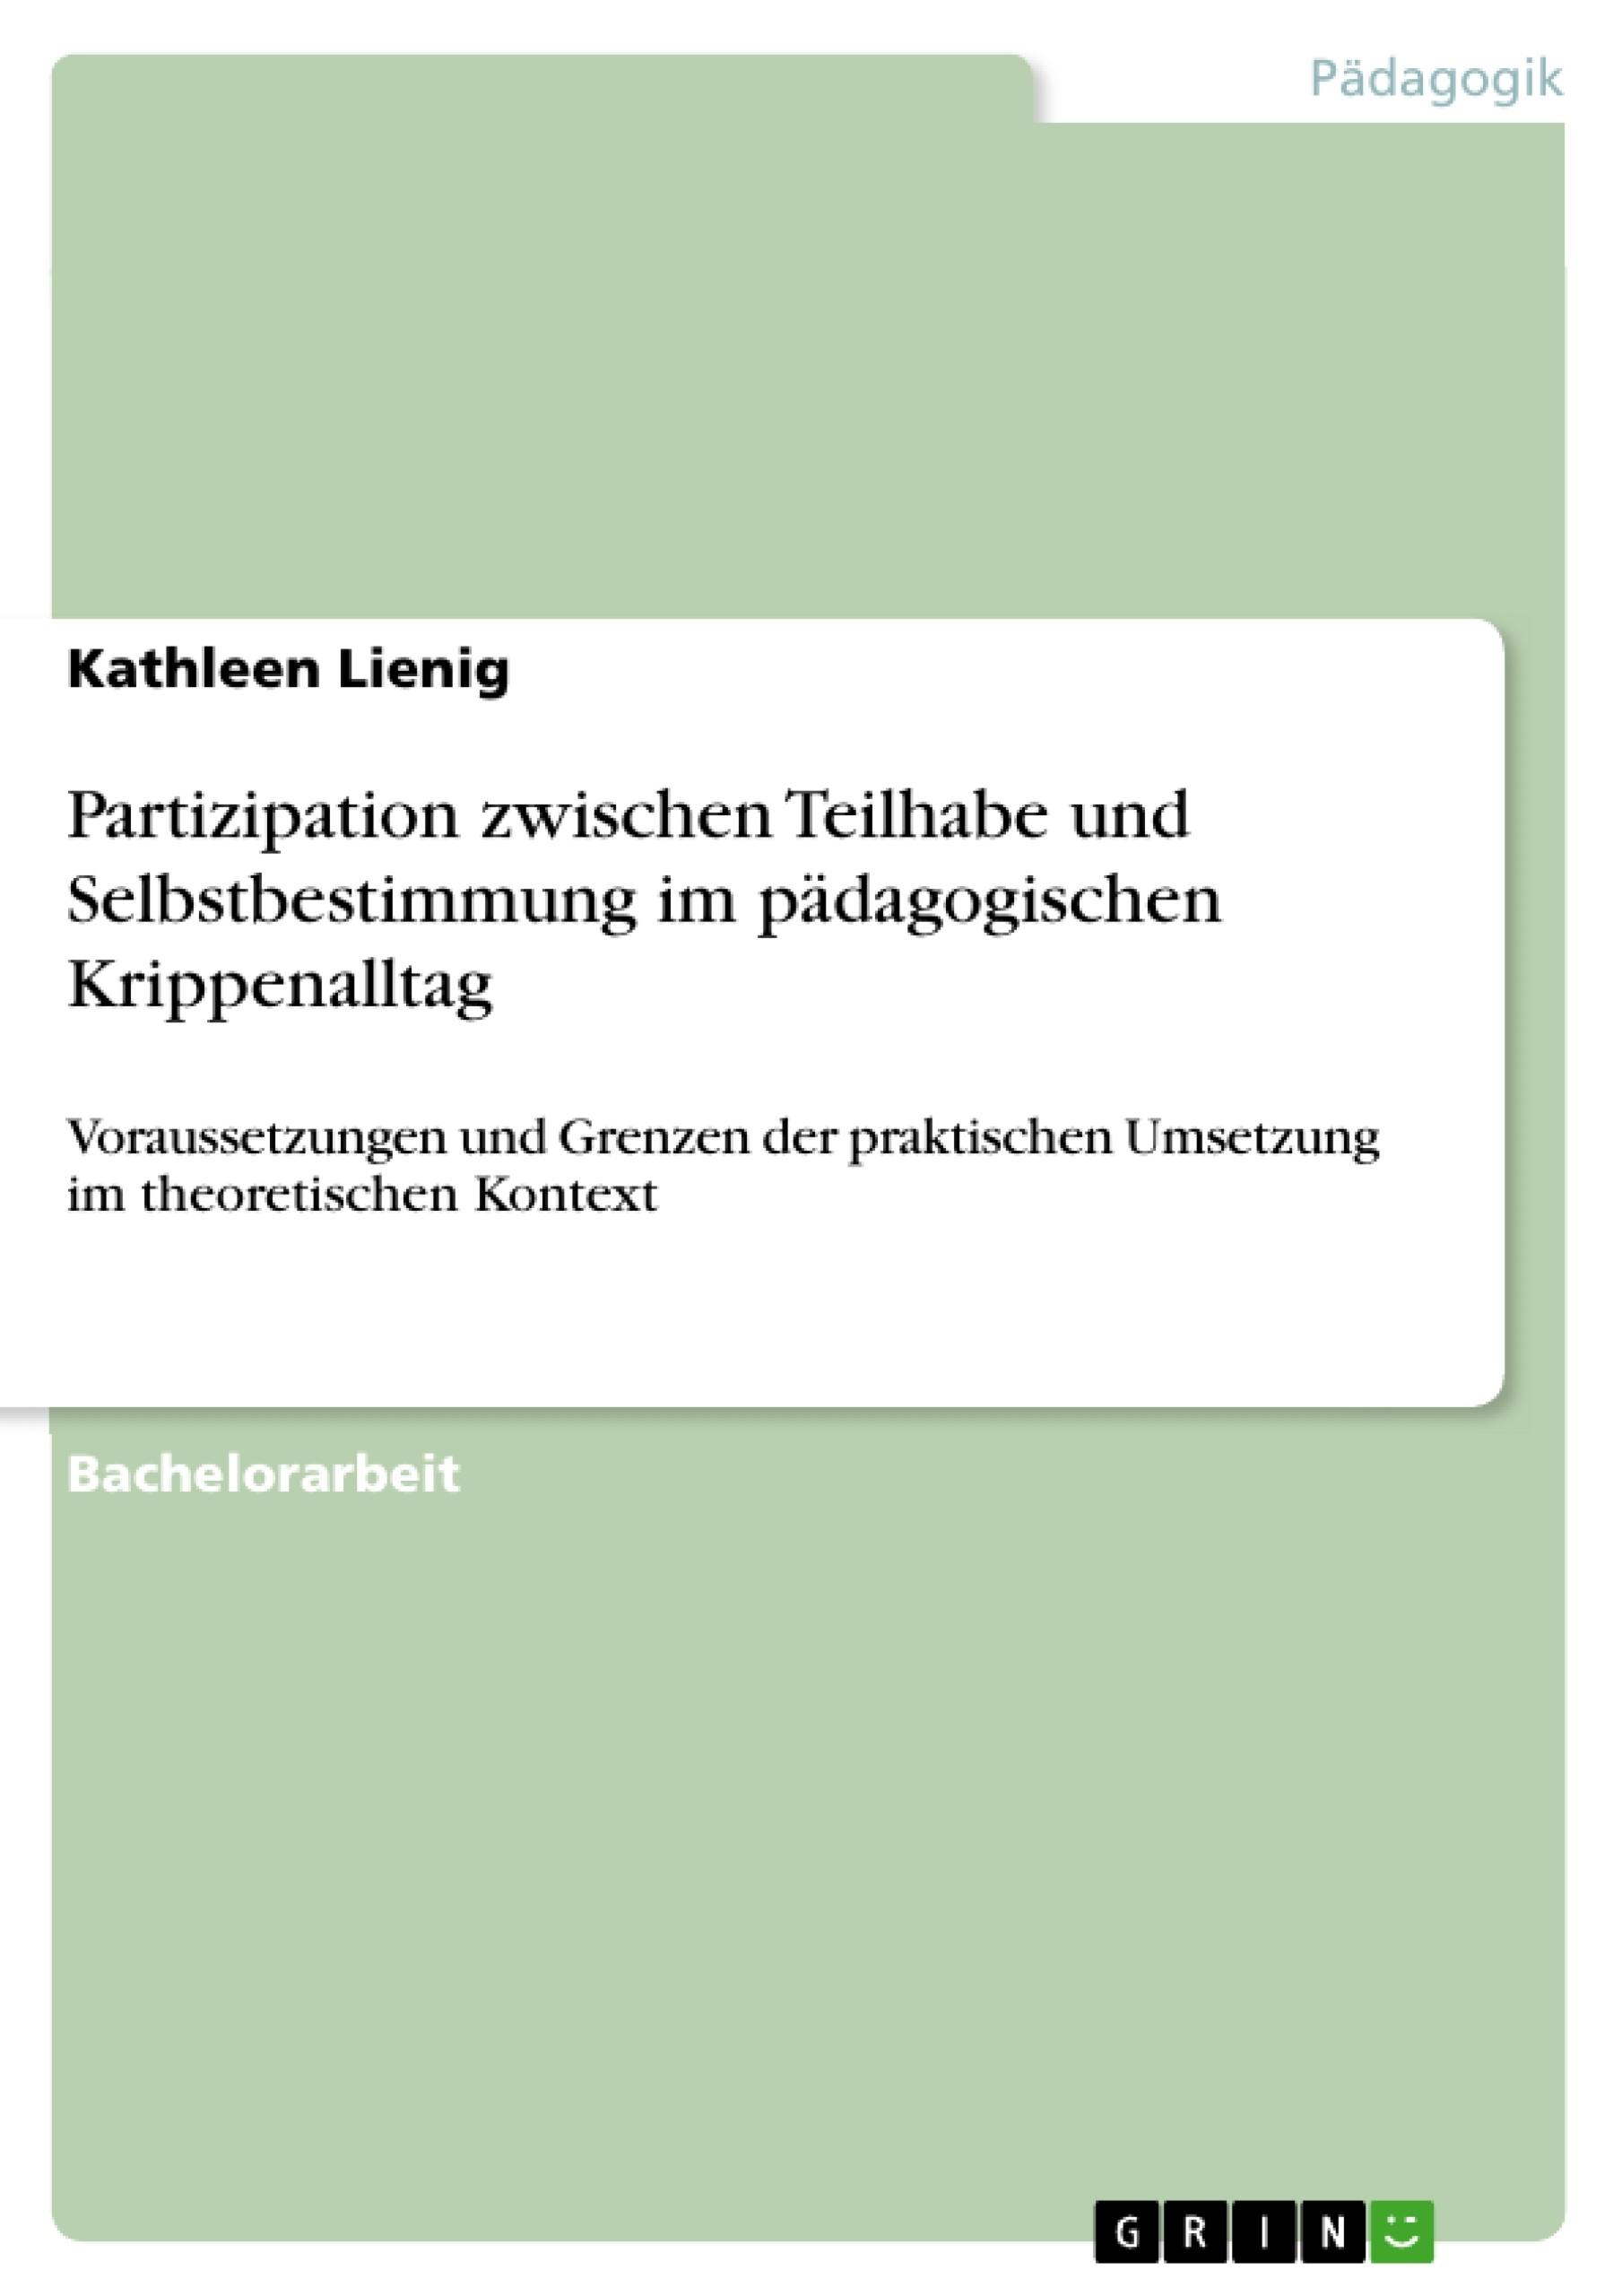 Titel: Partizipation zwischen Teilhabe und Selbstbestimmung im pädagogischen Krippenalltag